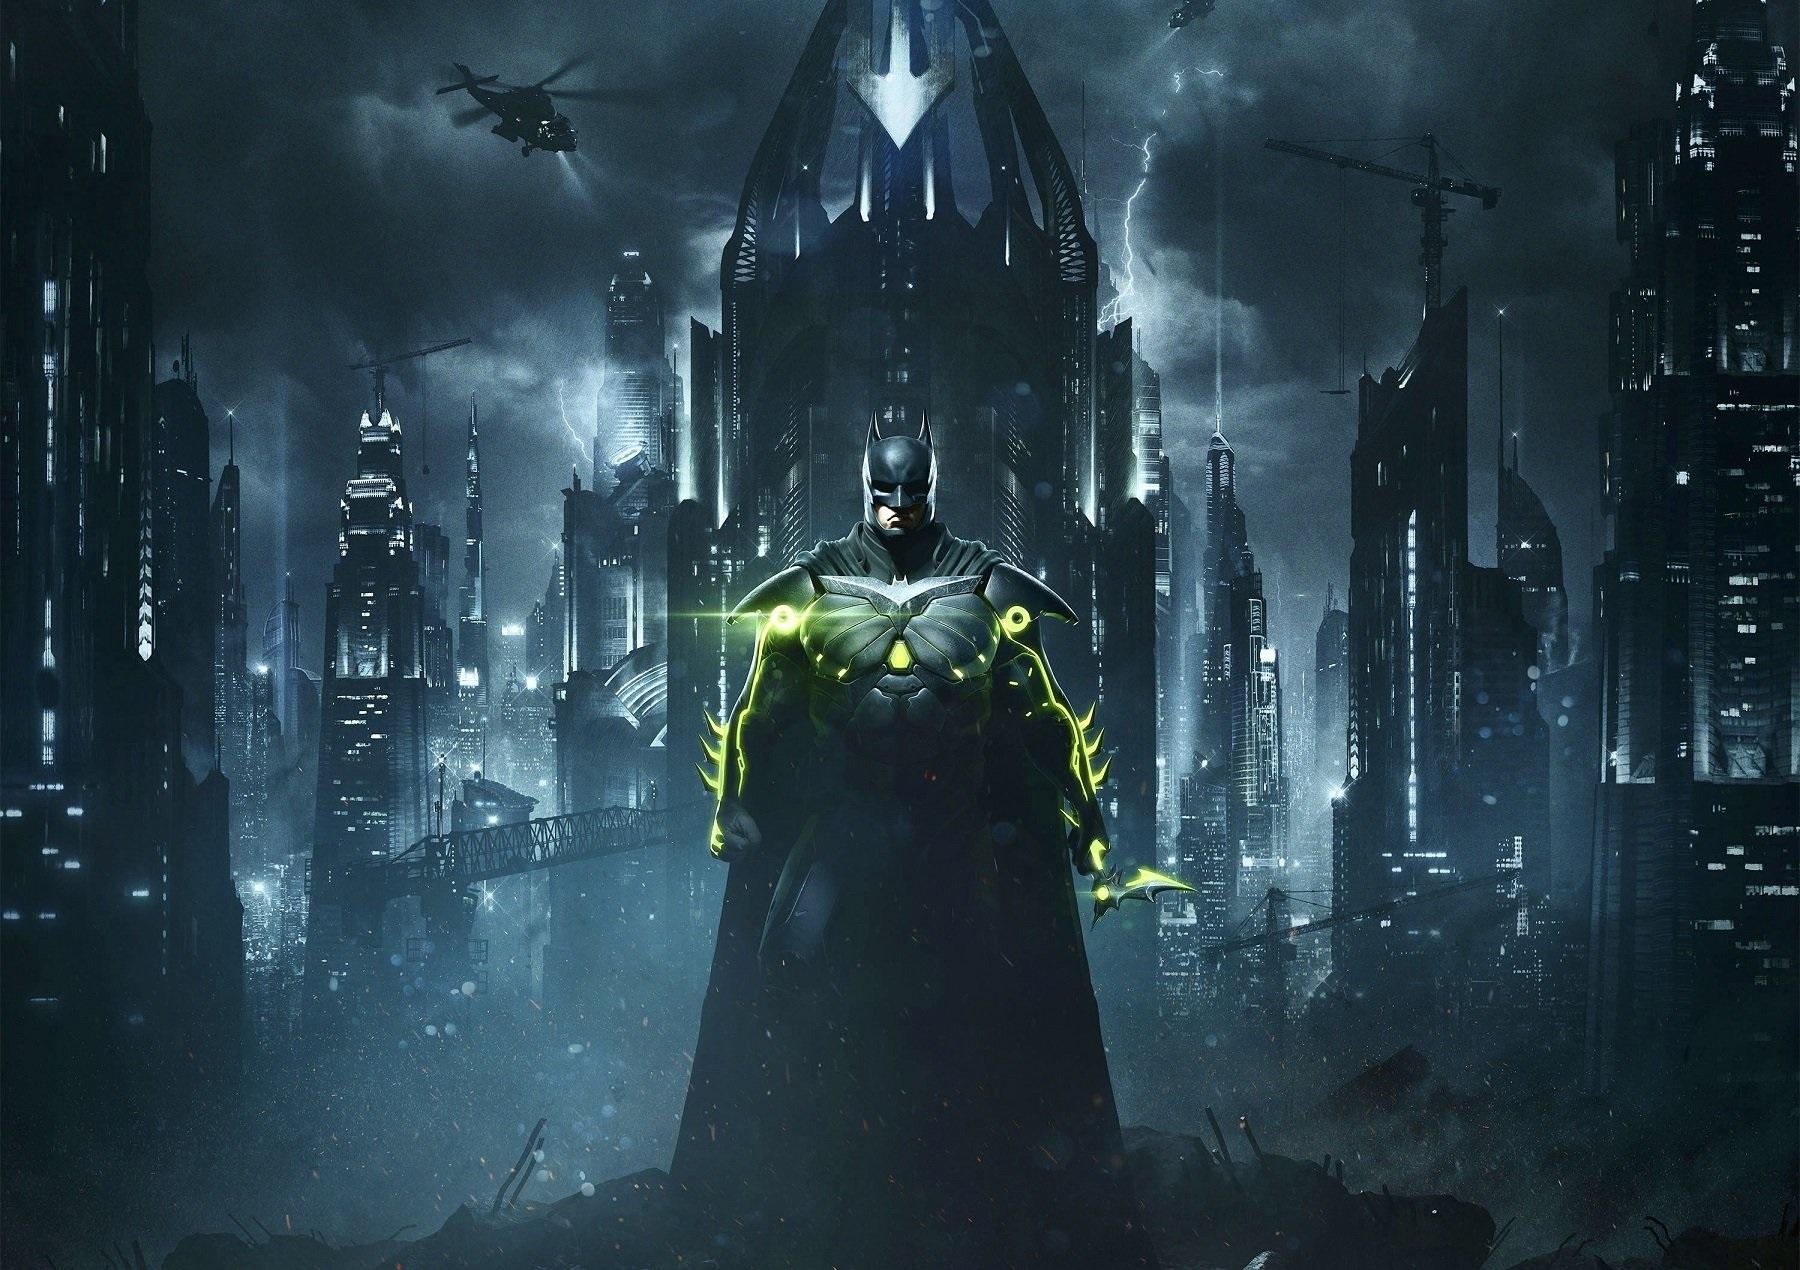 Batman z Injustice 2 w stroju kryptonitowym